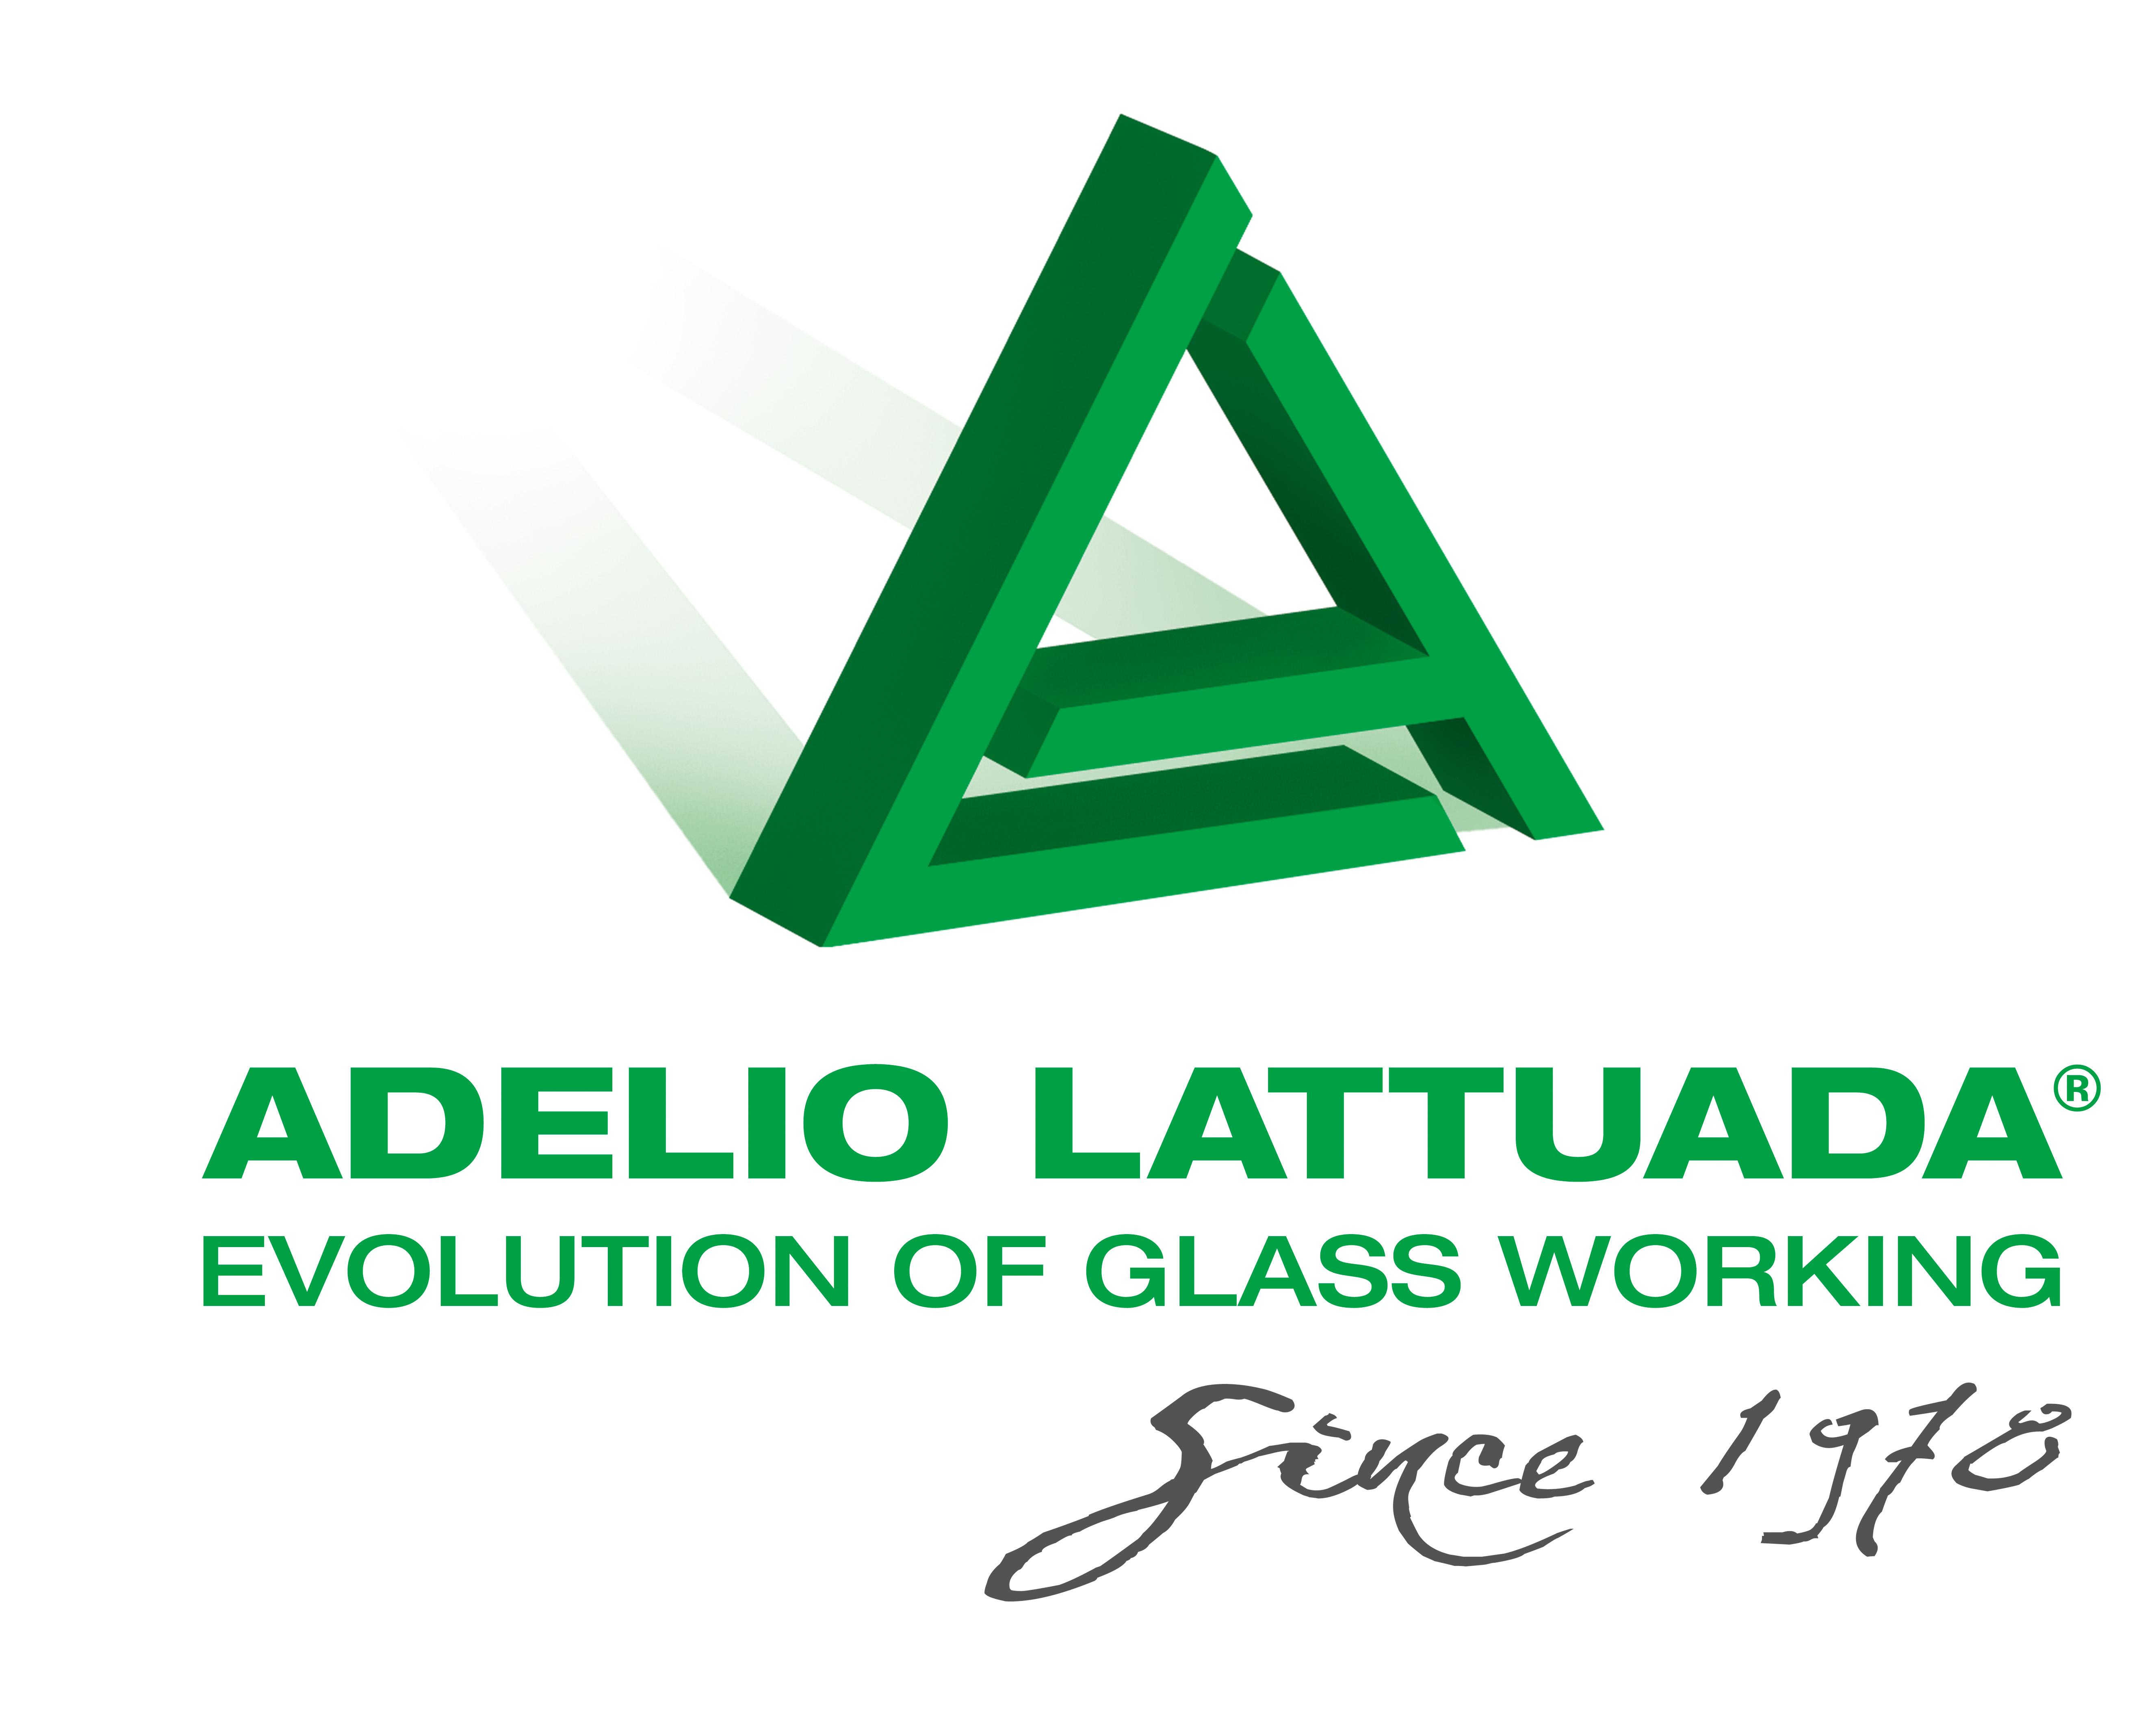 ADELIO LATTUADA Srl